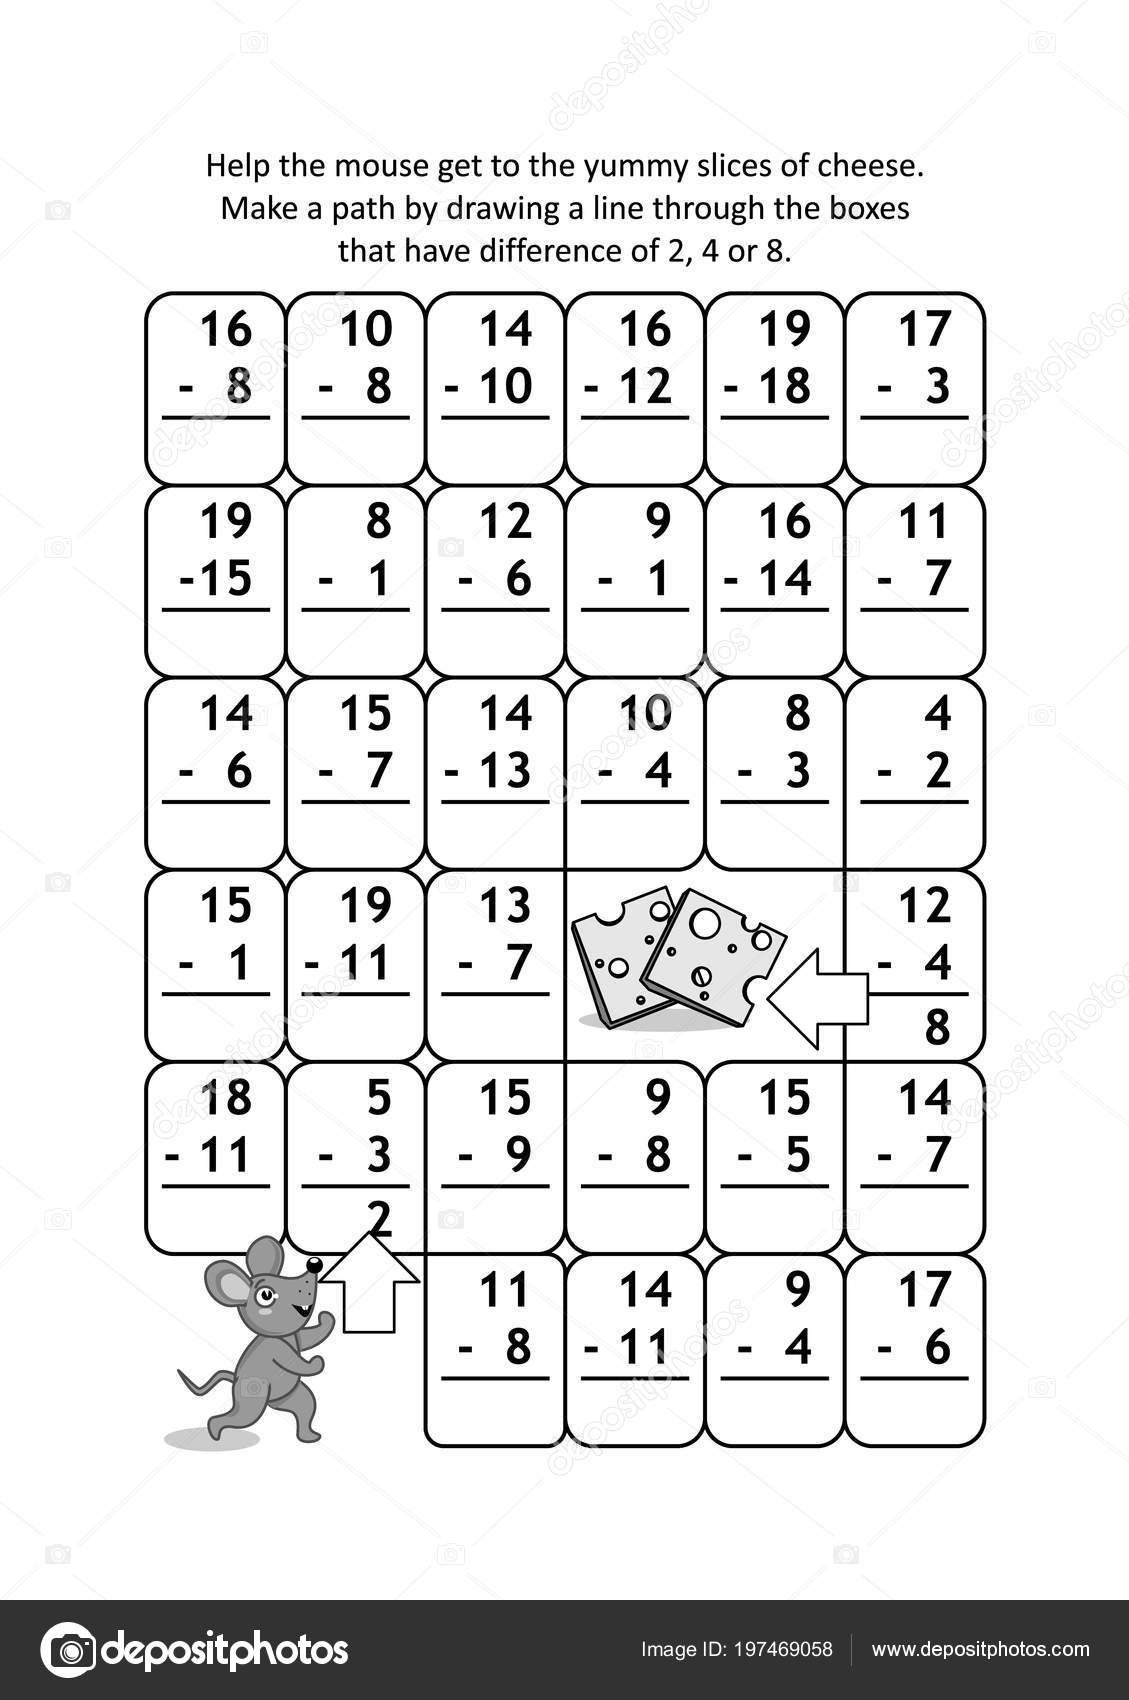 Mathe Labyrinth Mit Subtraktionsaufgaben Die Maus Die Leckeren ...